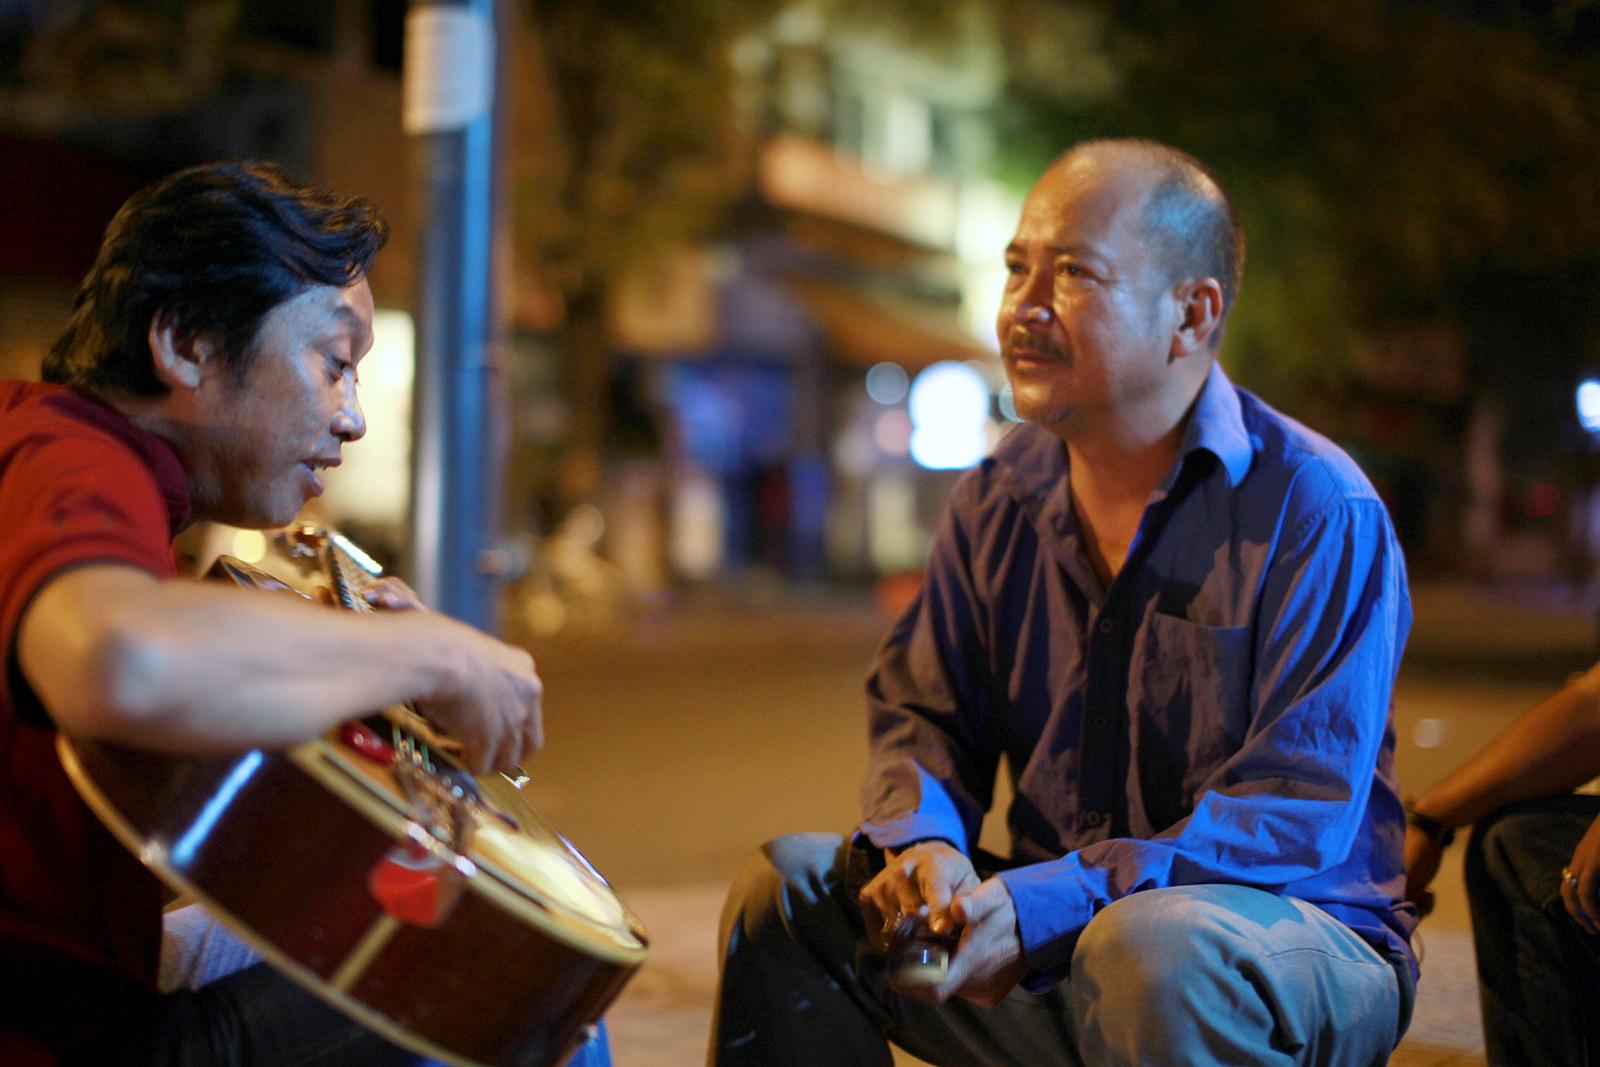 Đạo diễn Charlie Nguyễn khoe clip hát rock của danh hài Hoàng Sơn - Ảnh 2